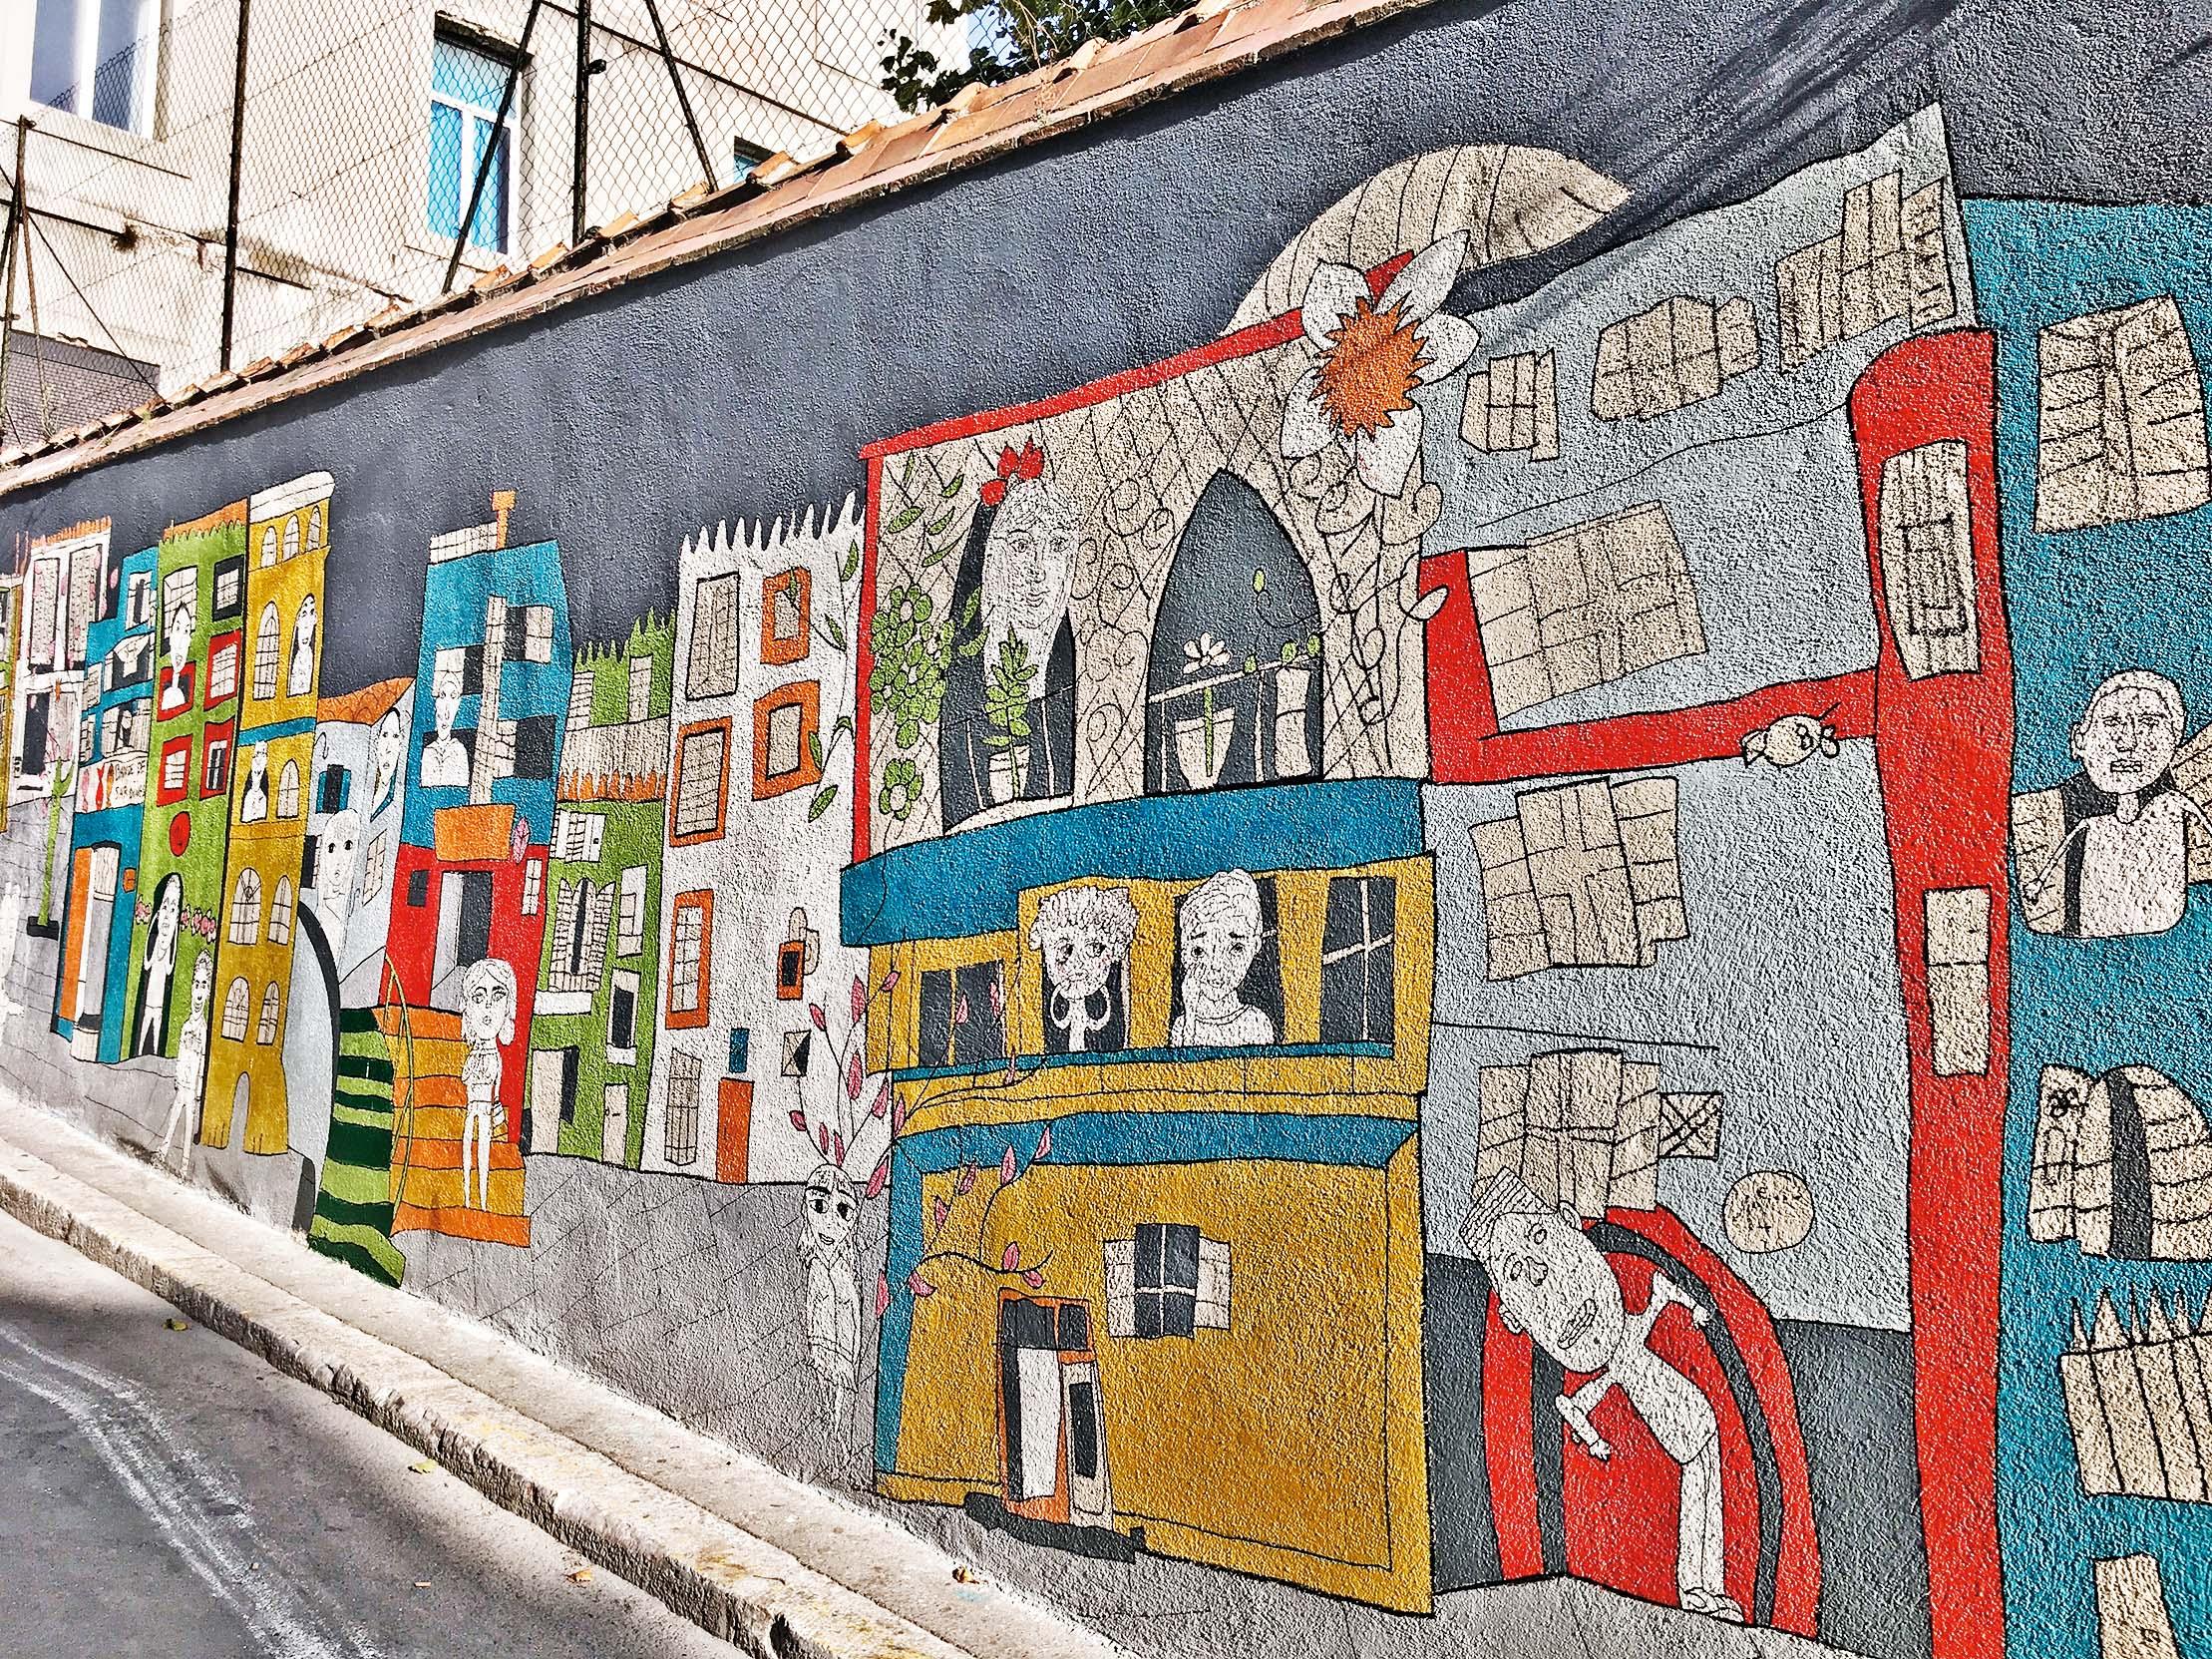 Grafiti u Le Panieru, nekad opasnom dijelu Marseillea, koji je danas pretvoren u umjetničku četvrt